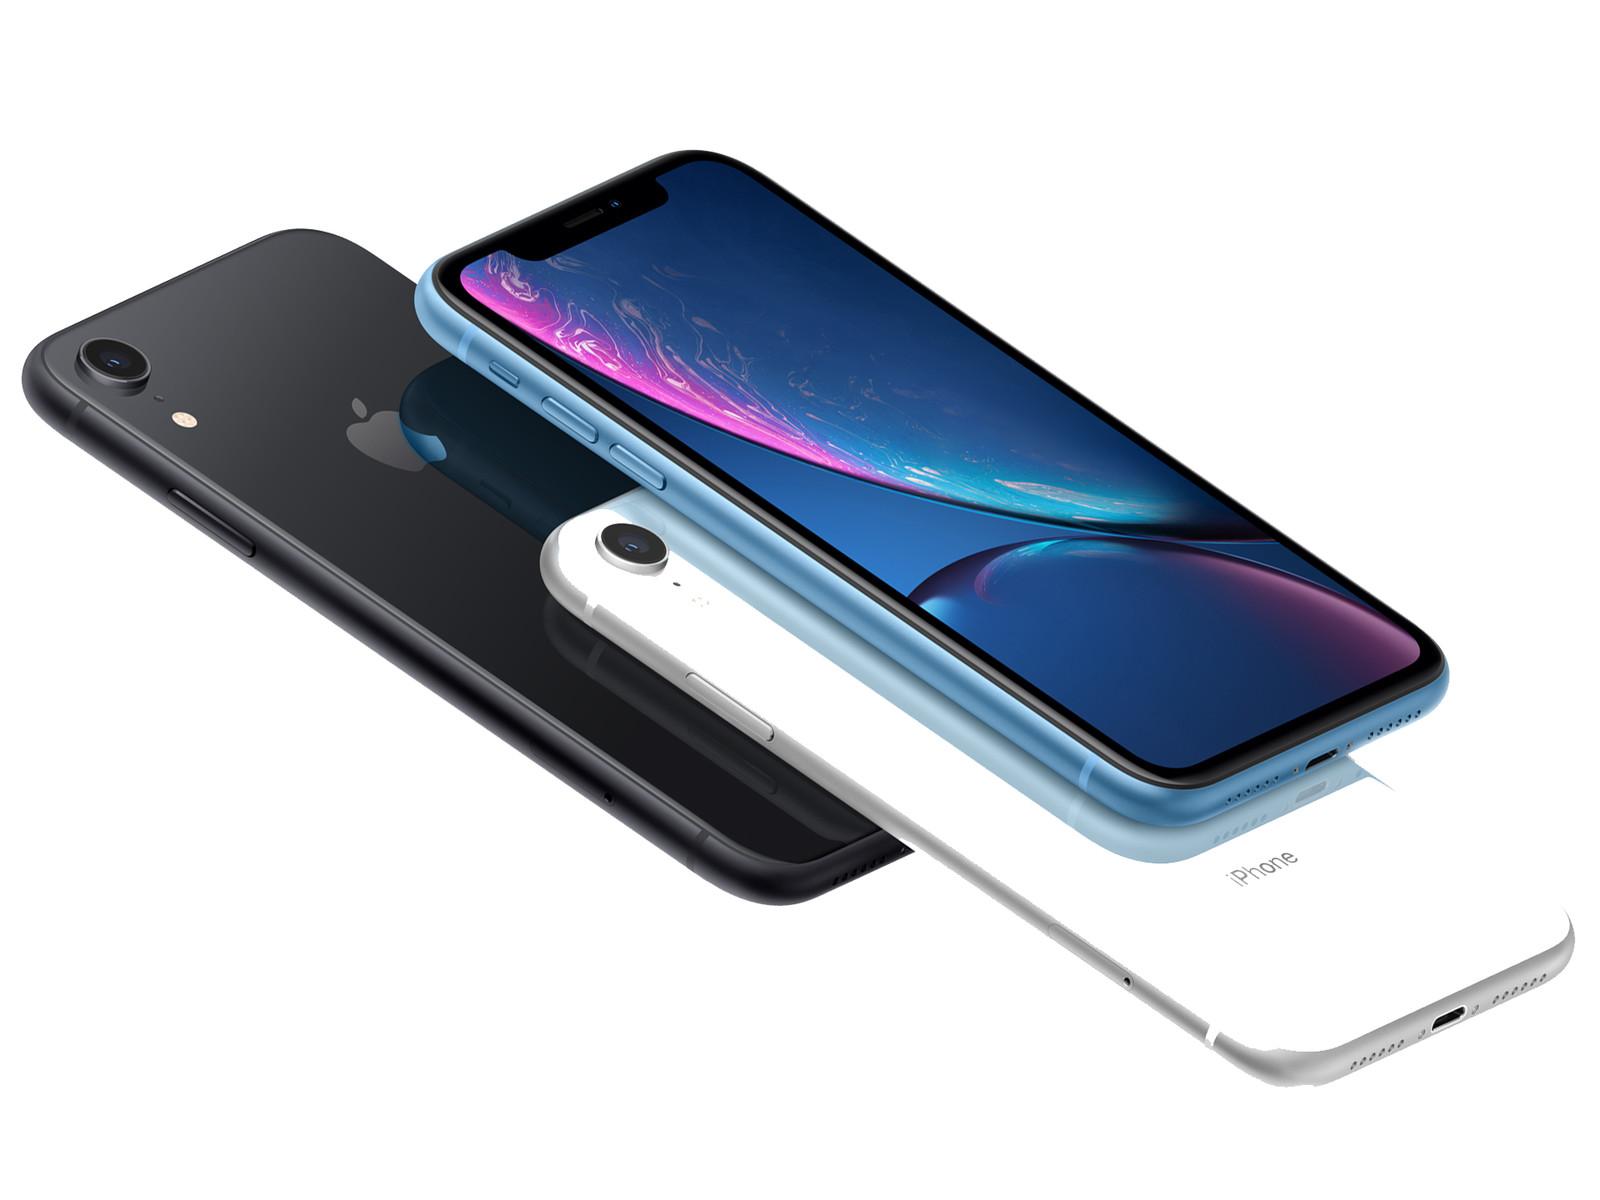 Apple iPhone Xr - Notebookcheck.net External Reviews